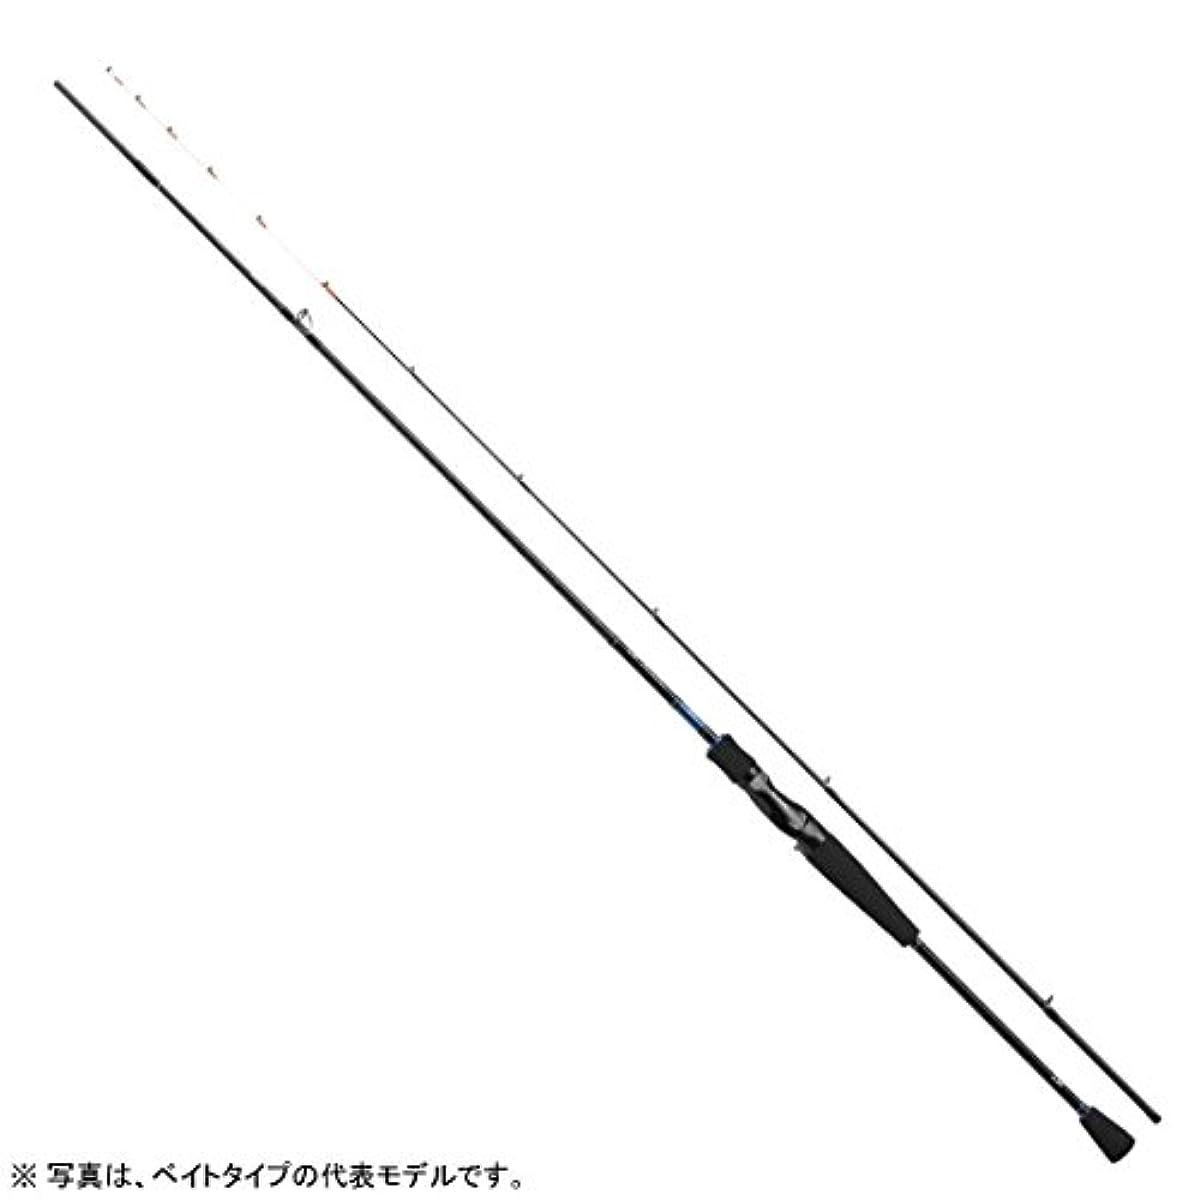 [해외] 다이와 물오징어 메탈 로드 베이트 에메랄다스 68XULB-S 물오징어 메탈 낚싯대